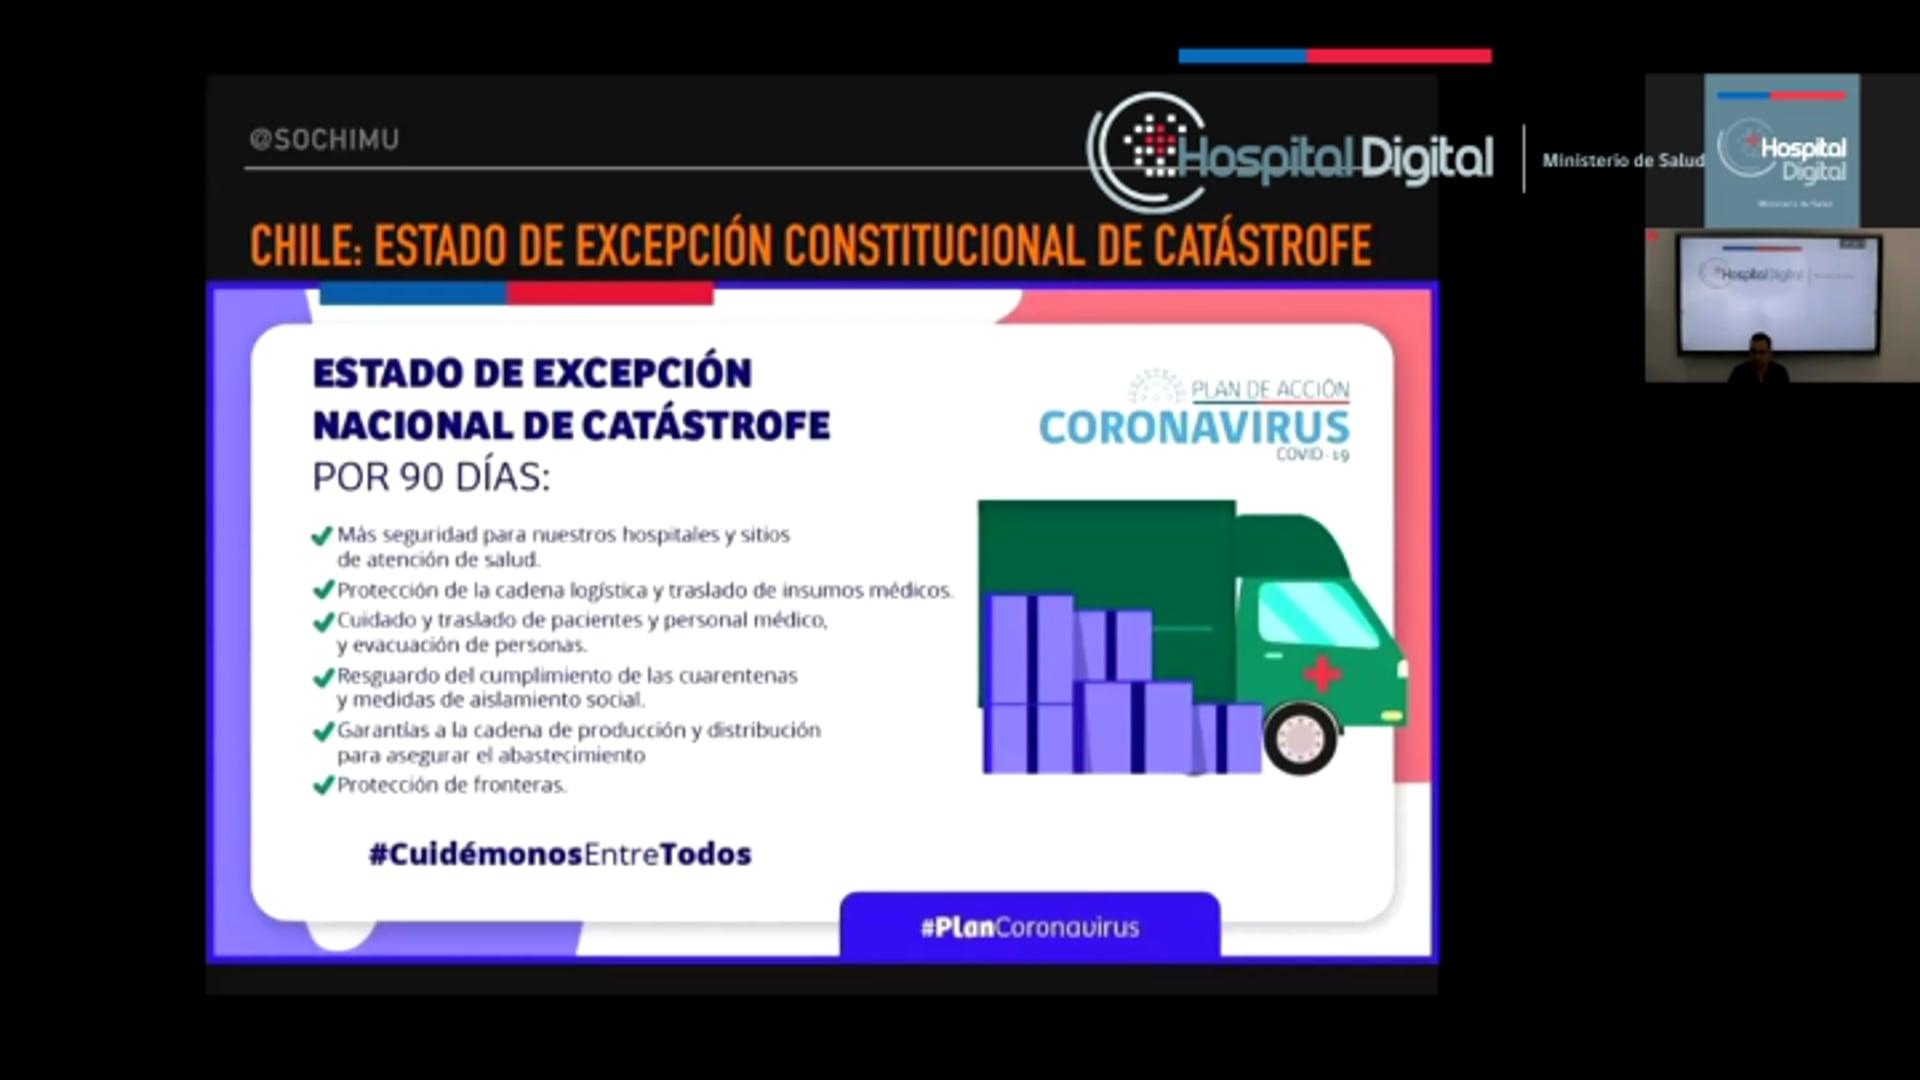 18-03-2020 - Manejo en Urgencia del Paciente Sospechoso de COVID-19 más Criterios de Ingreso